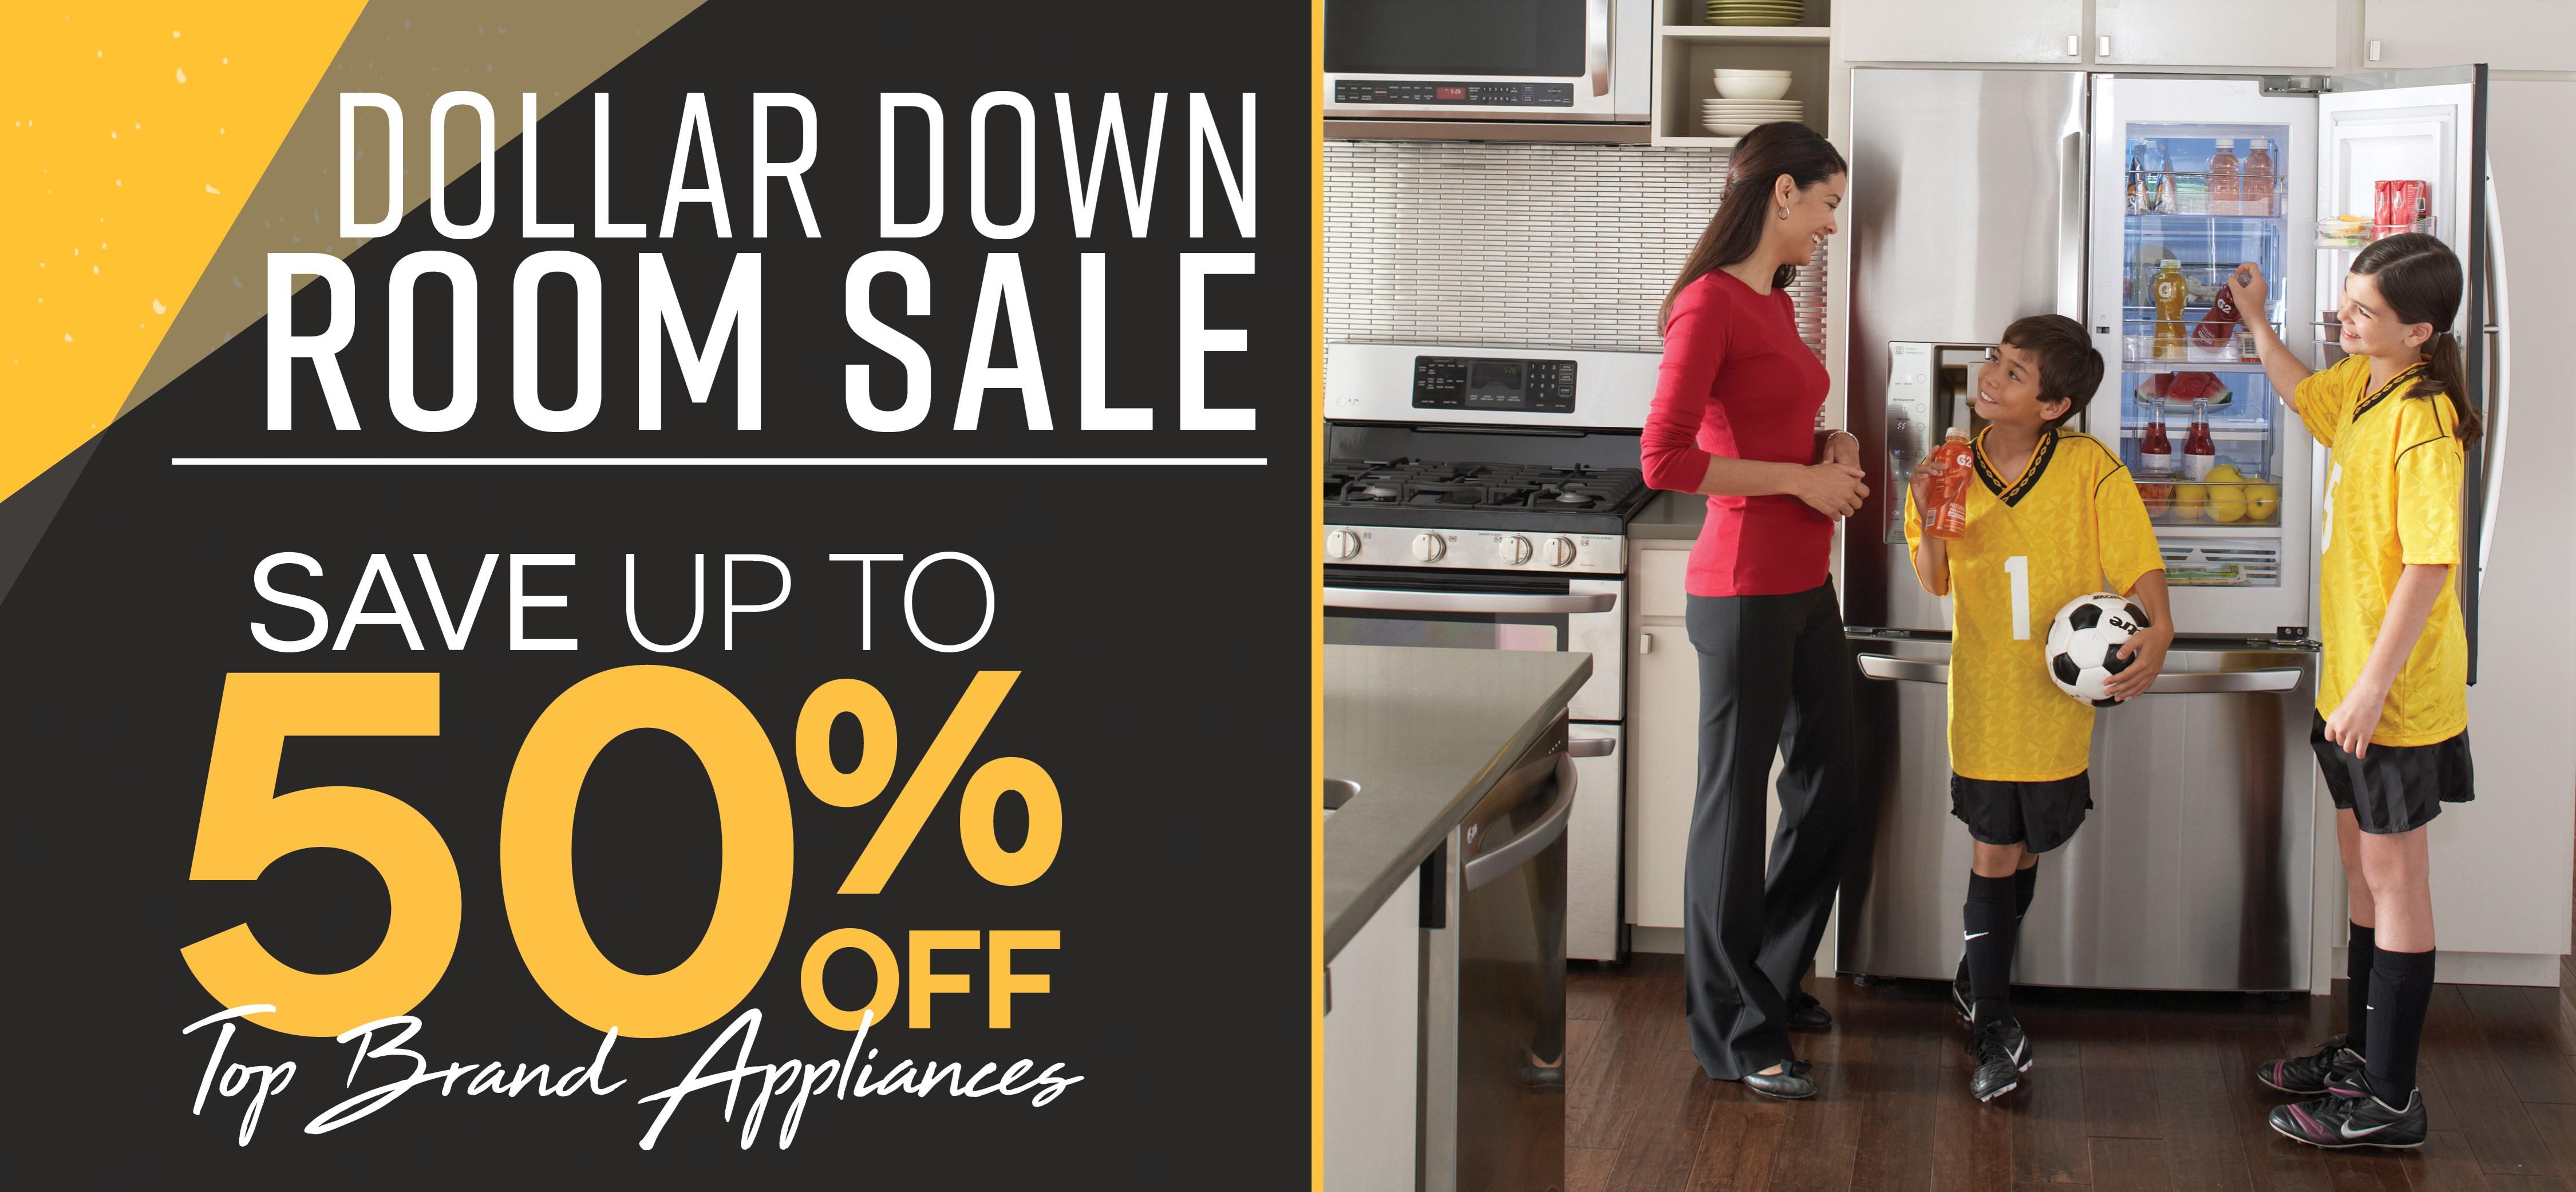 Furniture & ApplianceMart Dollar Down Sale